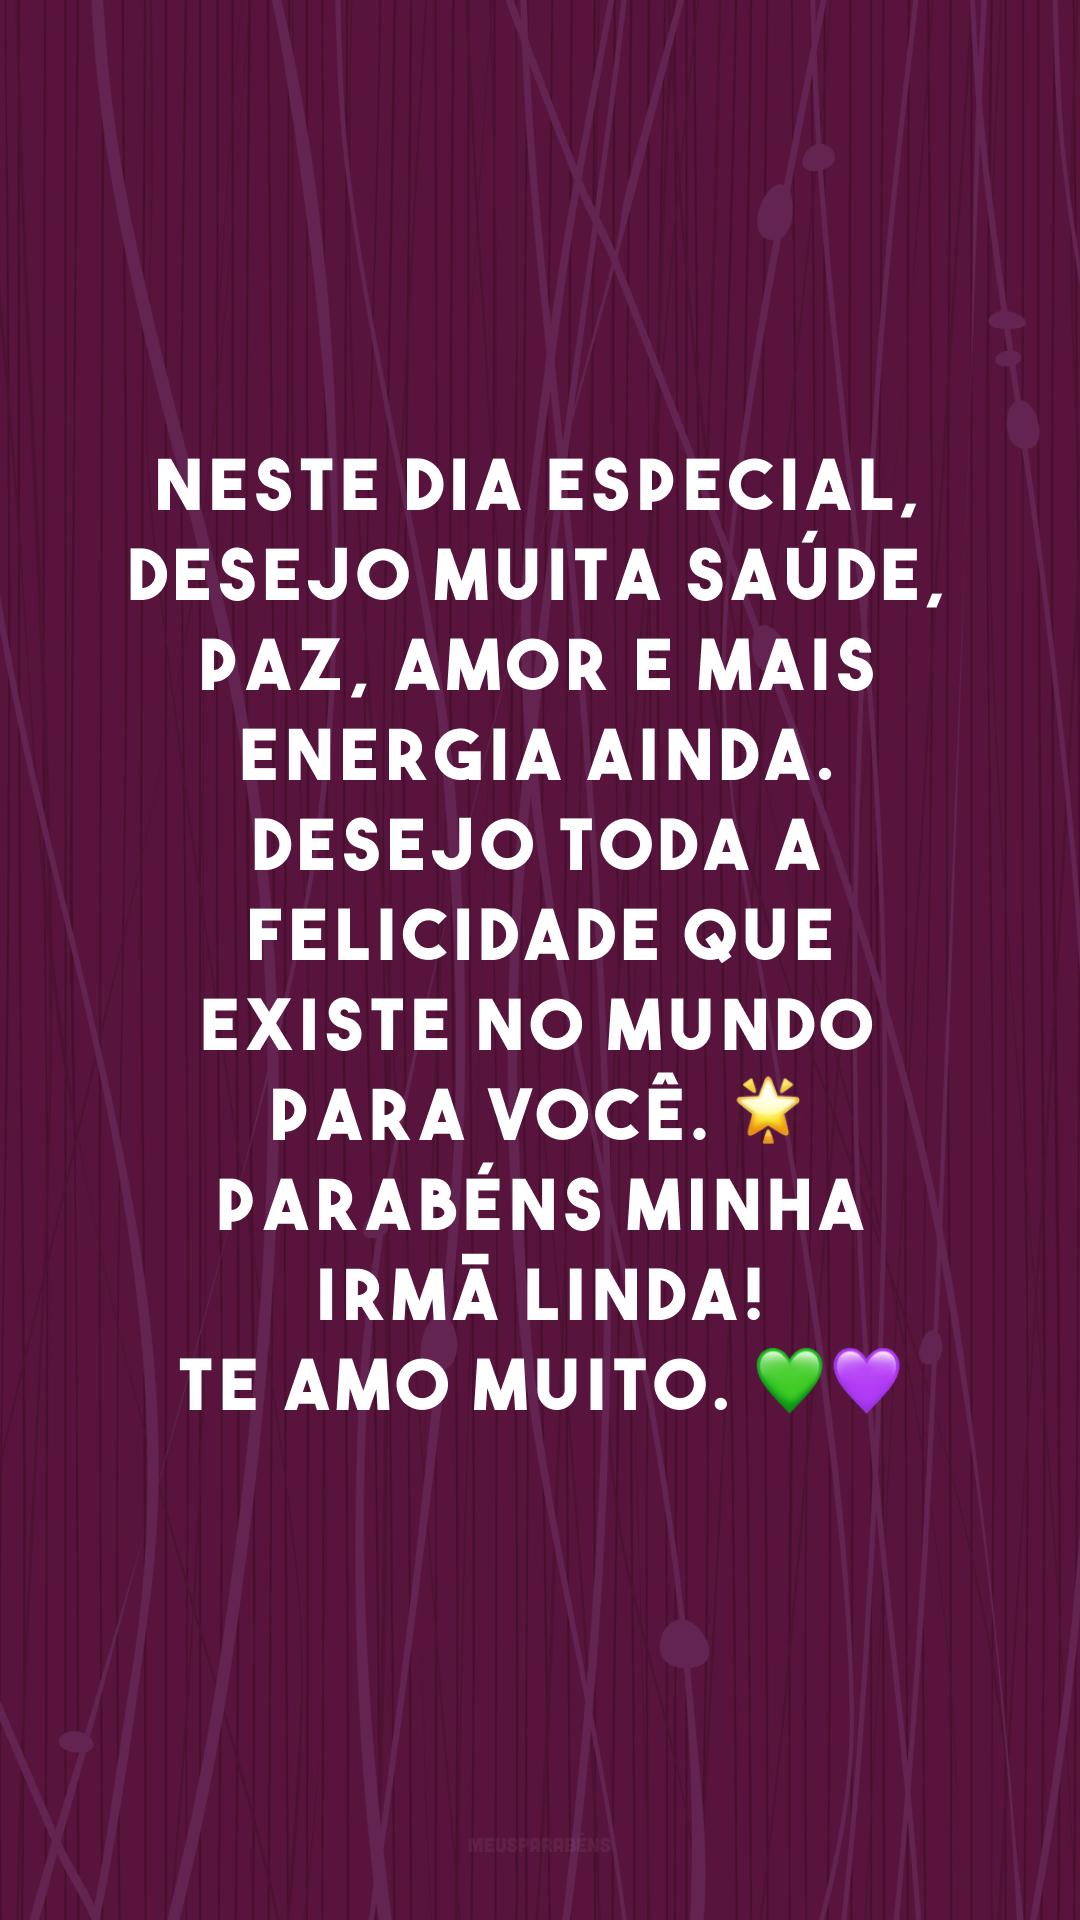 Neste dia especial, desejo muita saúde, paz, amor e mais energia ainda. Desejo toda a felicidade que existe no mundo para você. 🌟 Parabéns minha irmã linda! Te amo muito. 💚💜